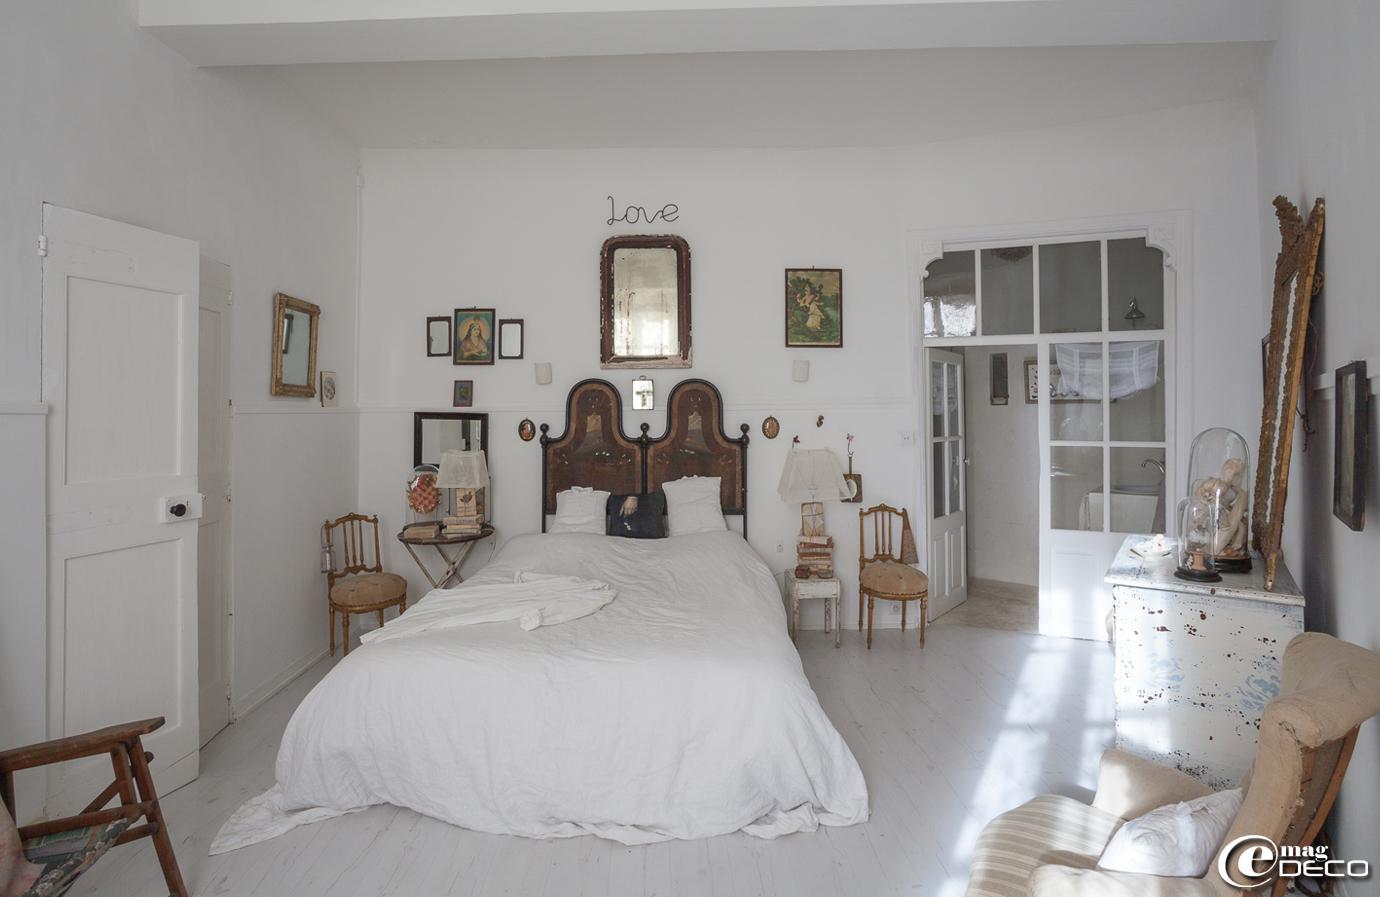 Chambre toute de blanc vêtue, sol refait avec un parquet blanc 'Leroy Merlin'